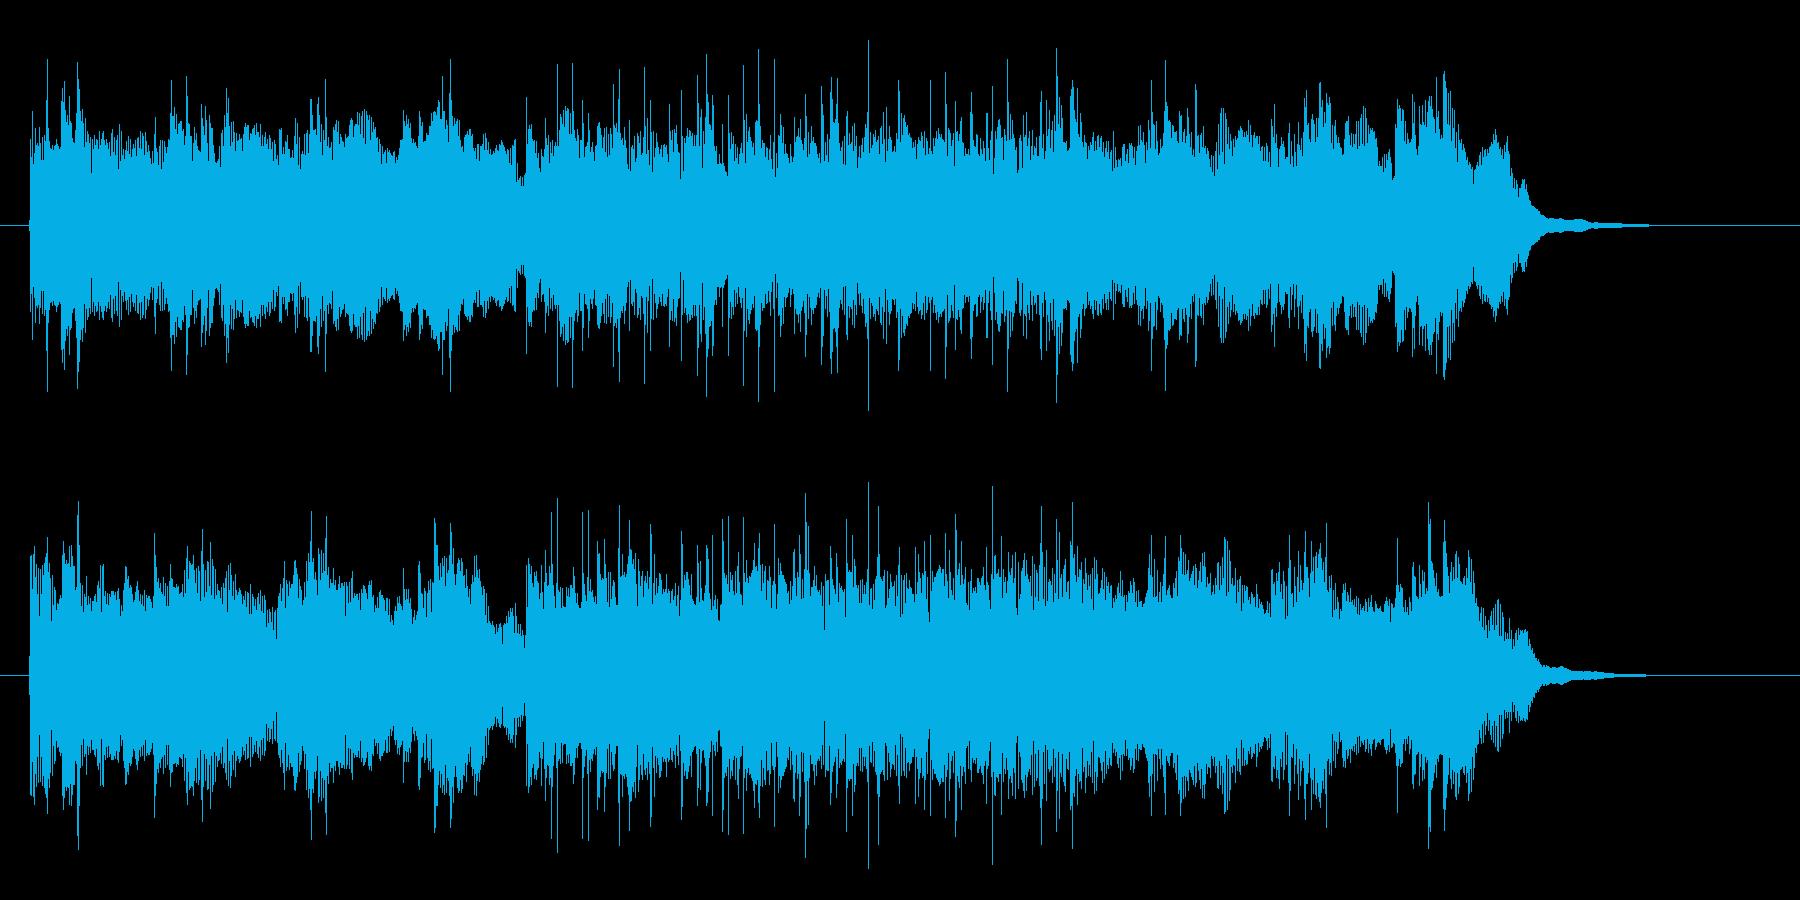 重低音の効いたギタービートの再生済みの波形